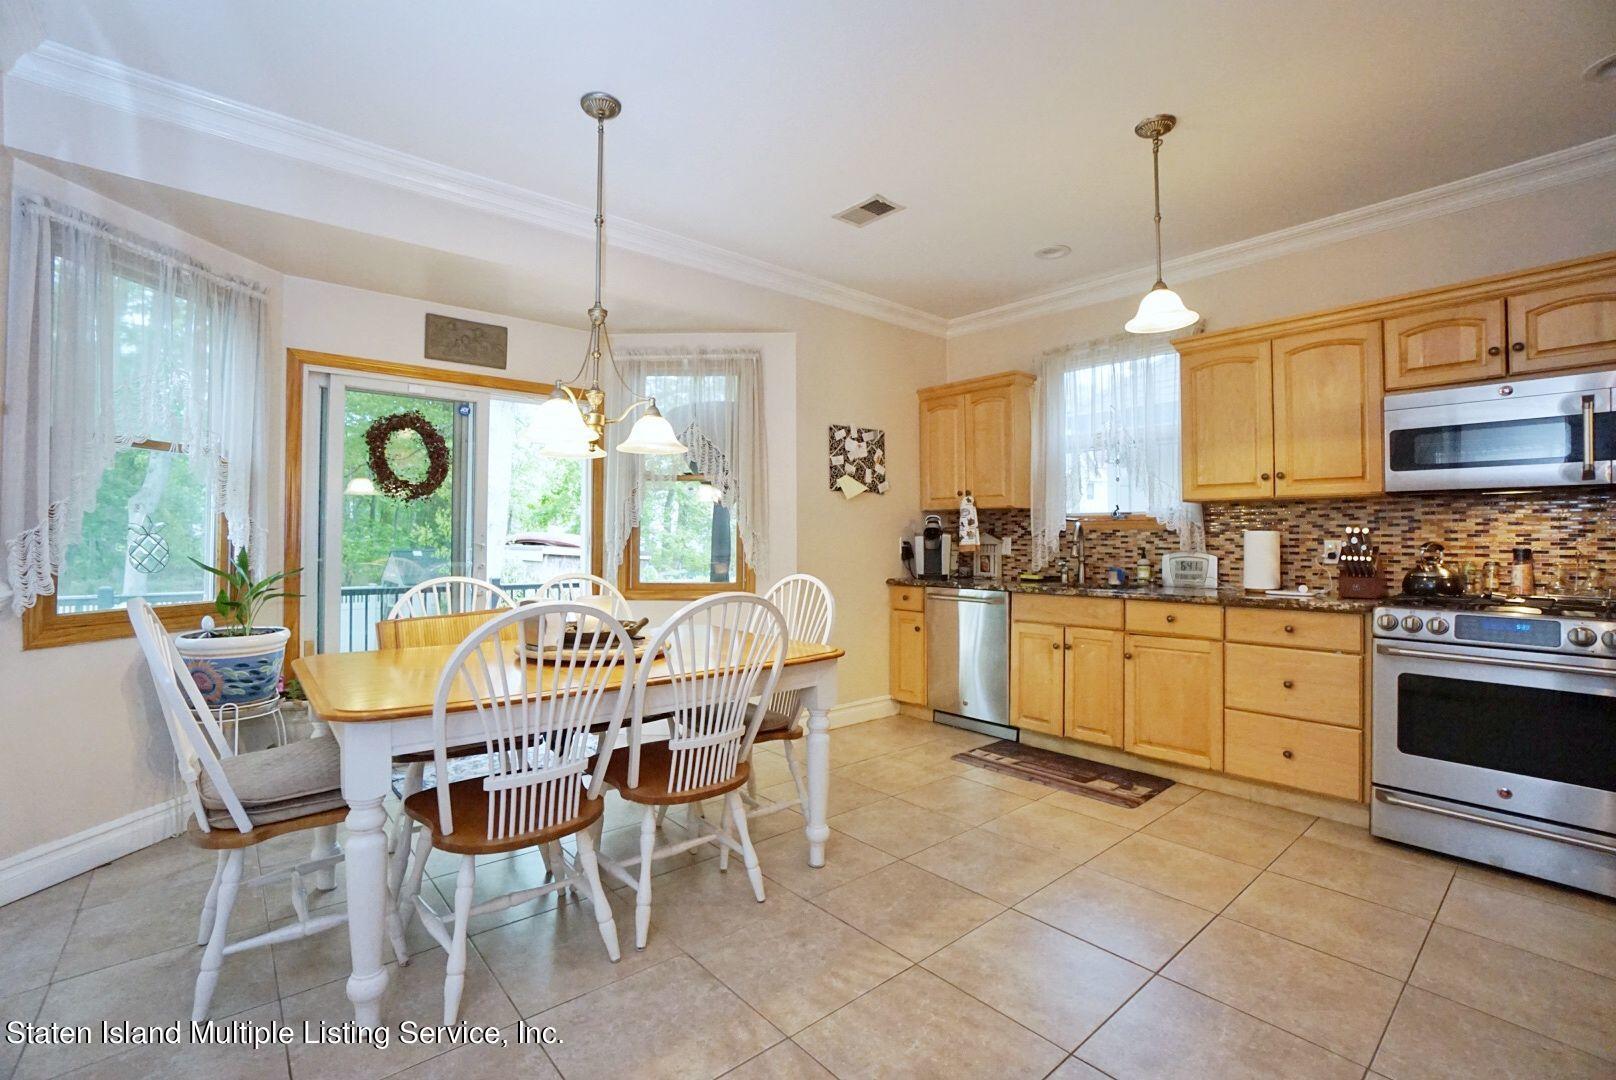 Single Family - Detached 311 Sharrott Avenue  Staten Island, NY 10309, MLS-1146042-18